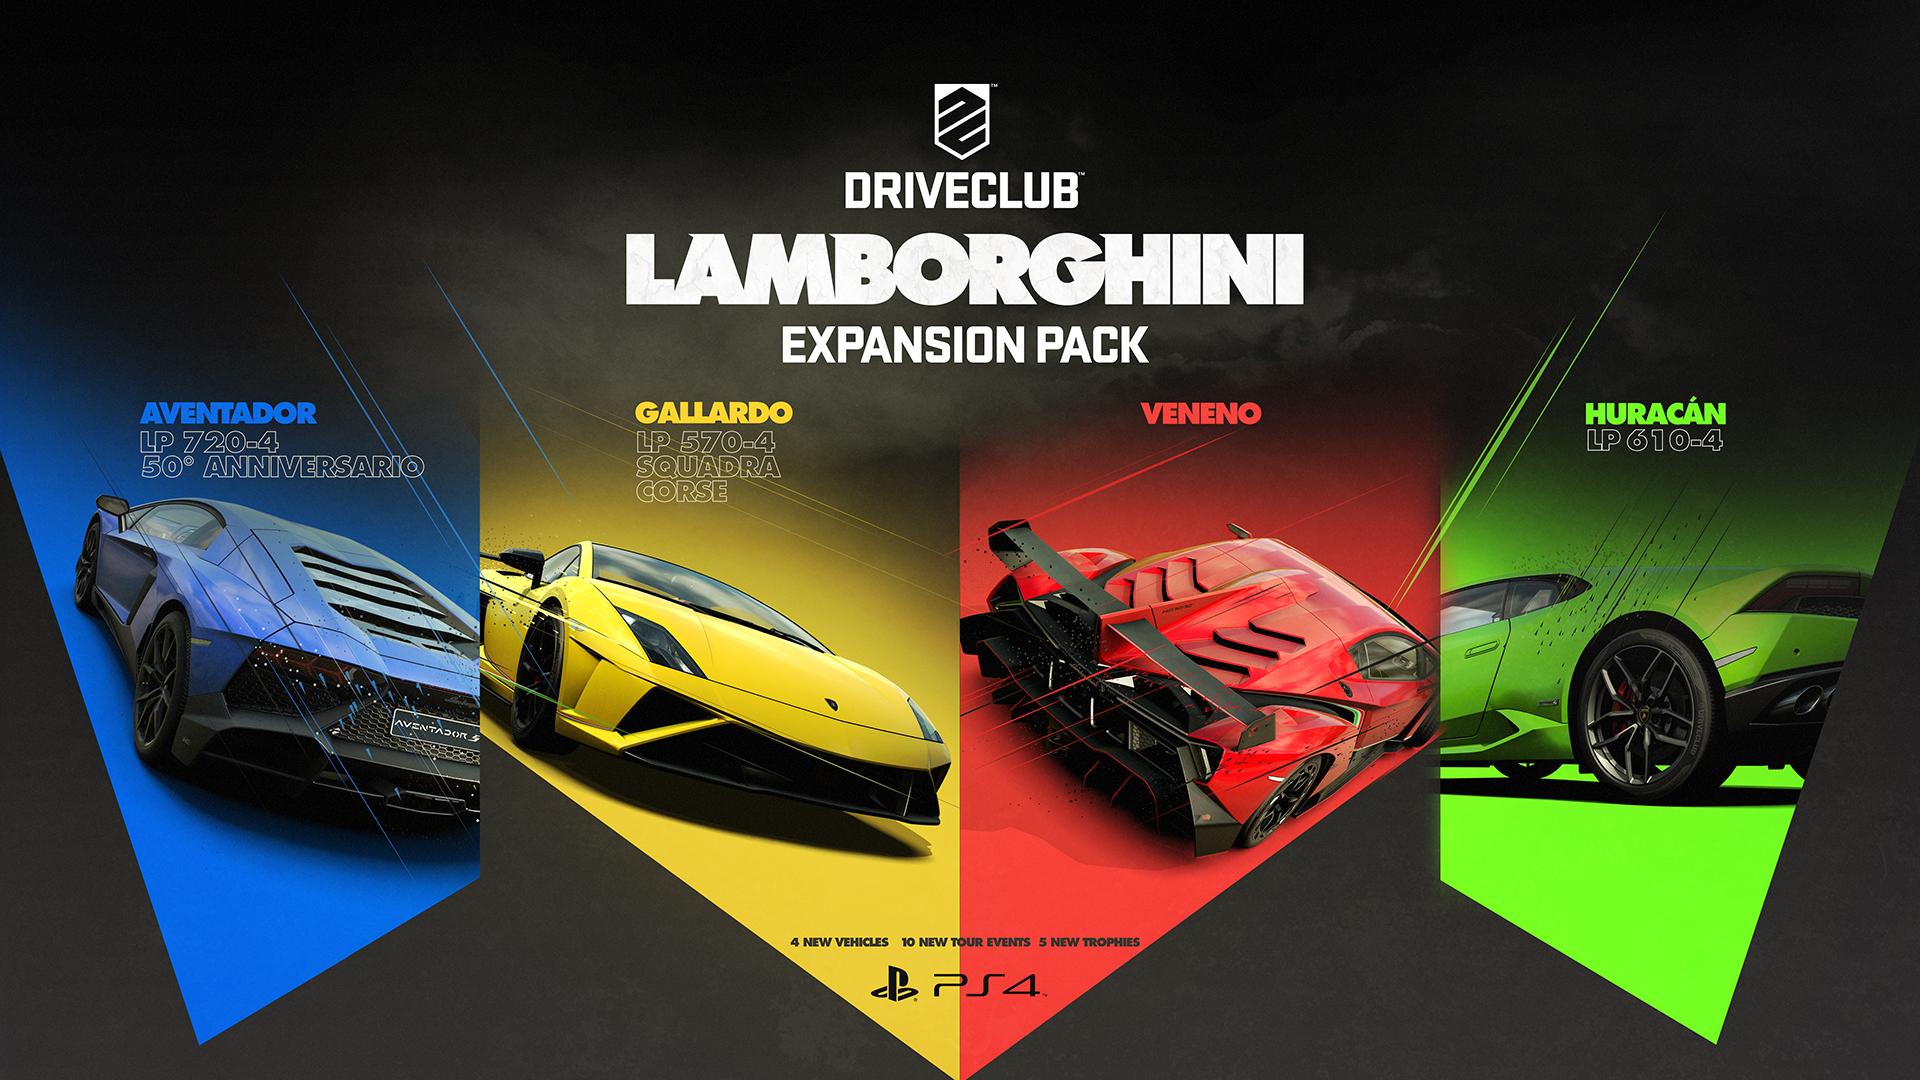 driveclub-lamborghini-expansion